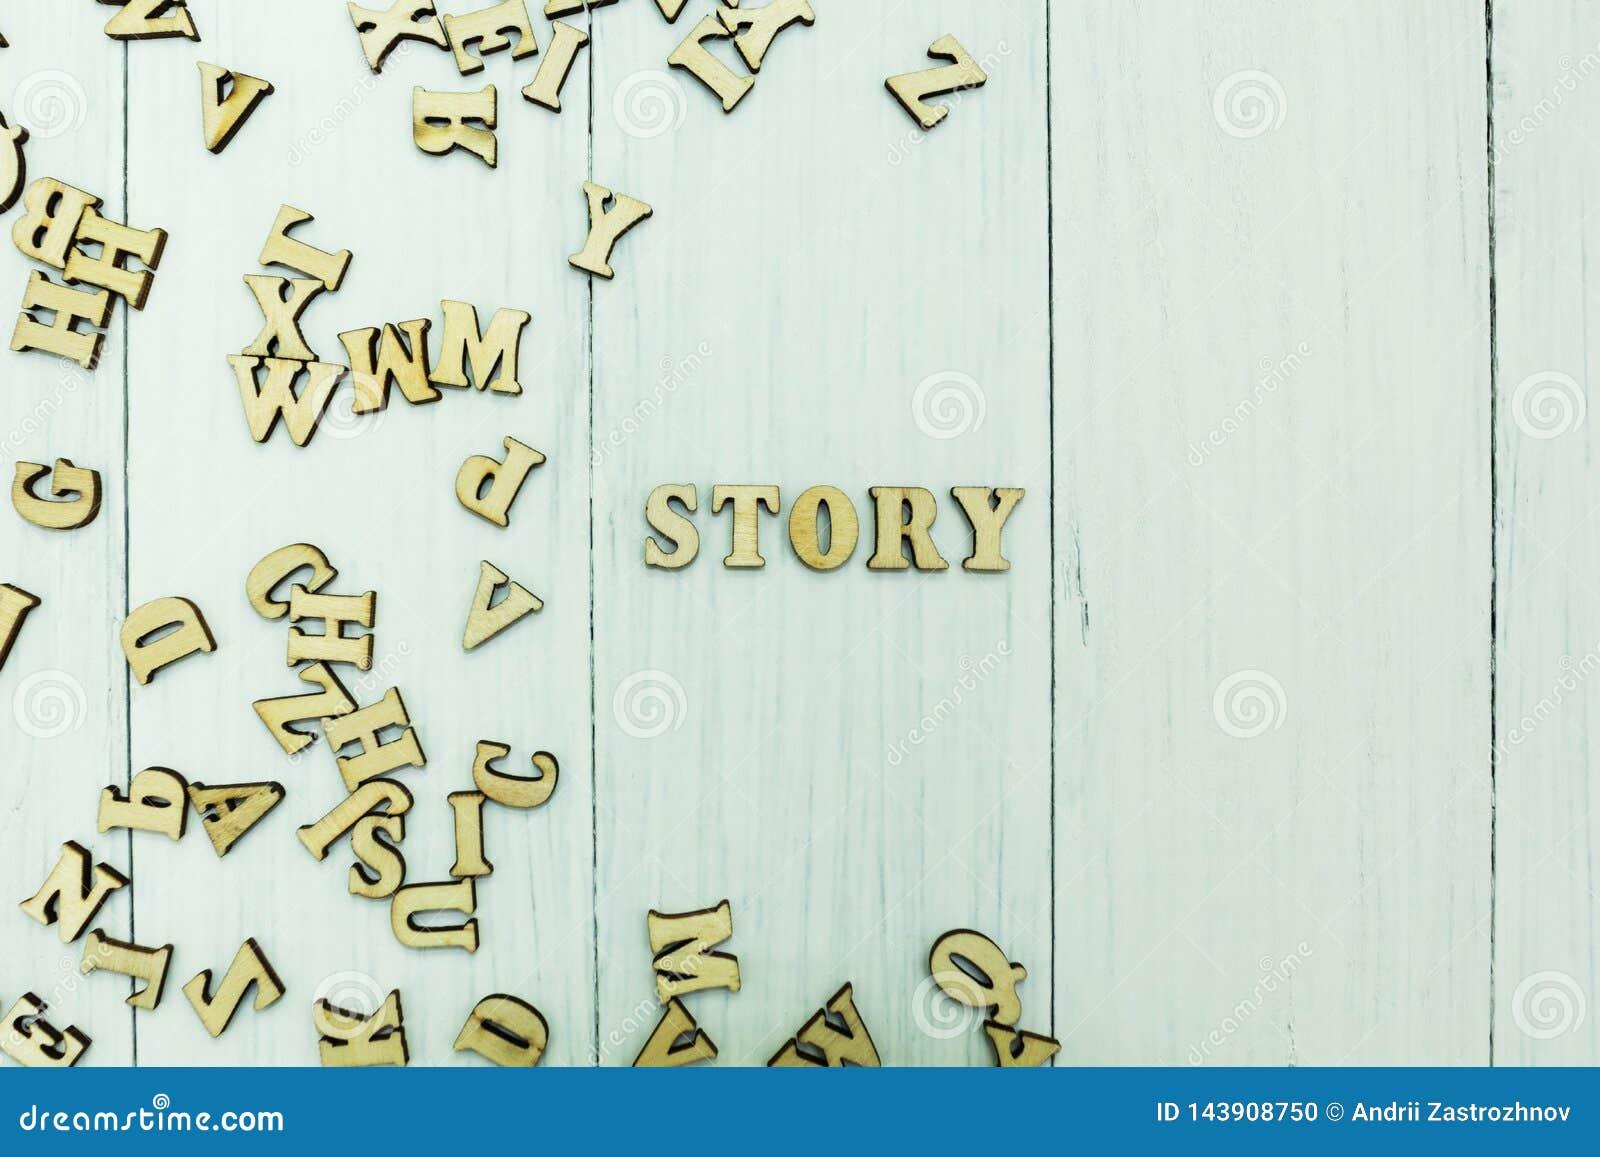 """Η λέξη """"ιστορία """"σε ένα άσπρο υπόβαθρο, διεσπαρμένες ξύλινες επιστολές"""